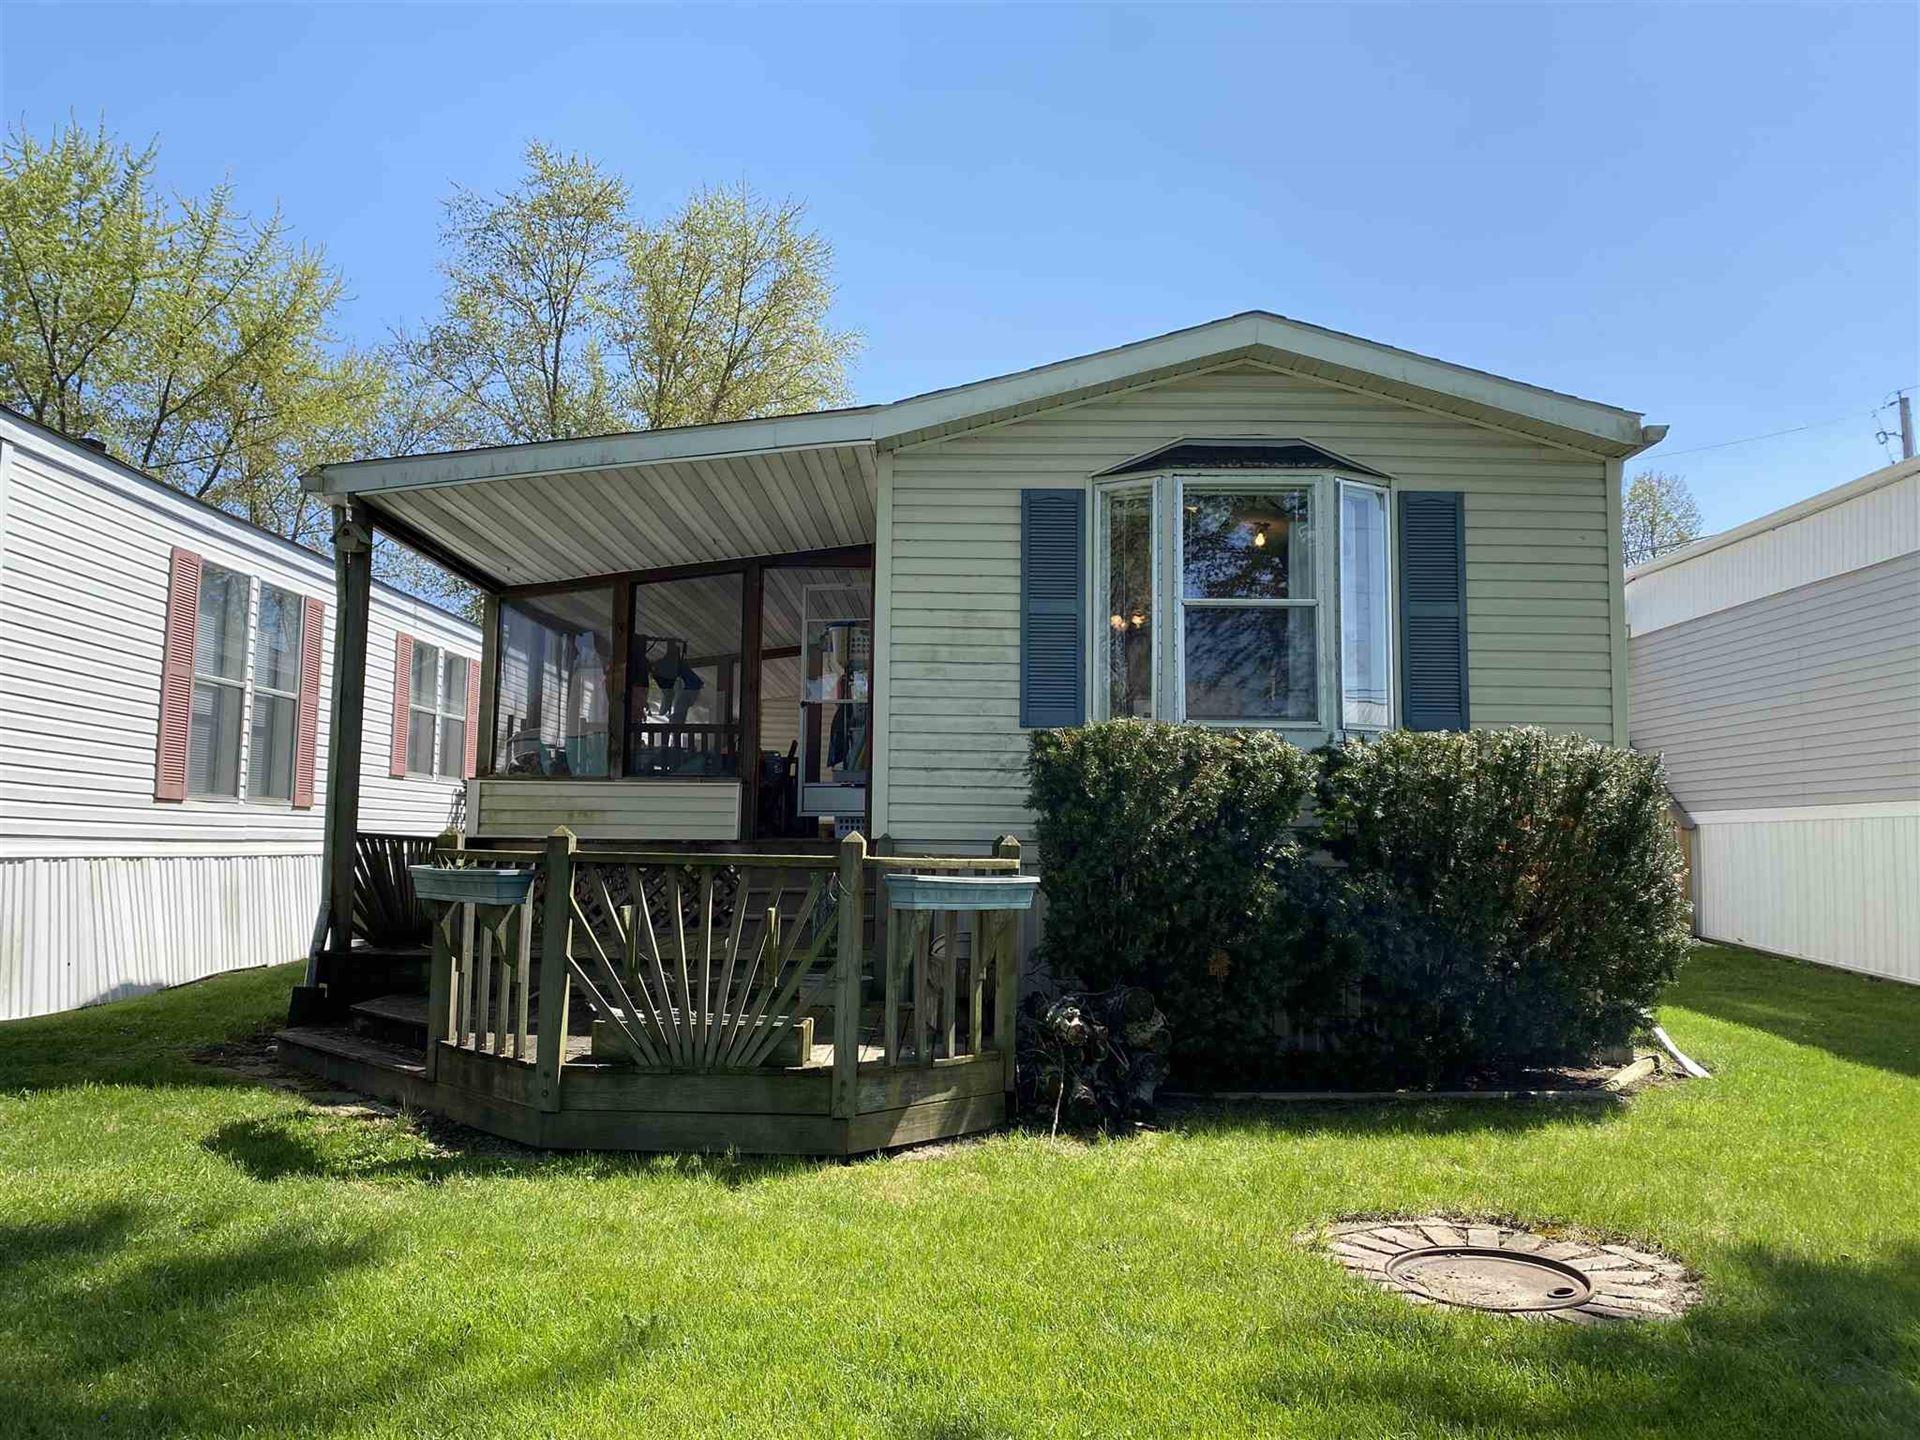 215 LN 101A Lot #33 Hamilton Lake, Hamilton, IN 46742 - #: 202017349